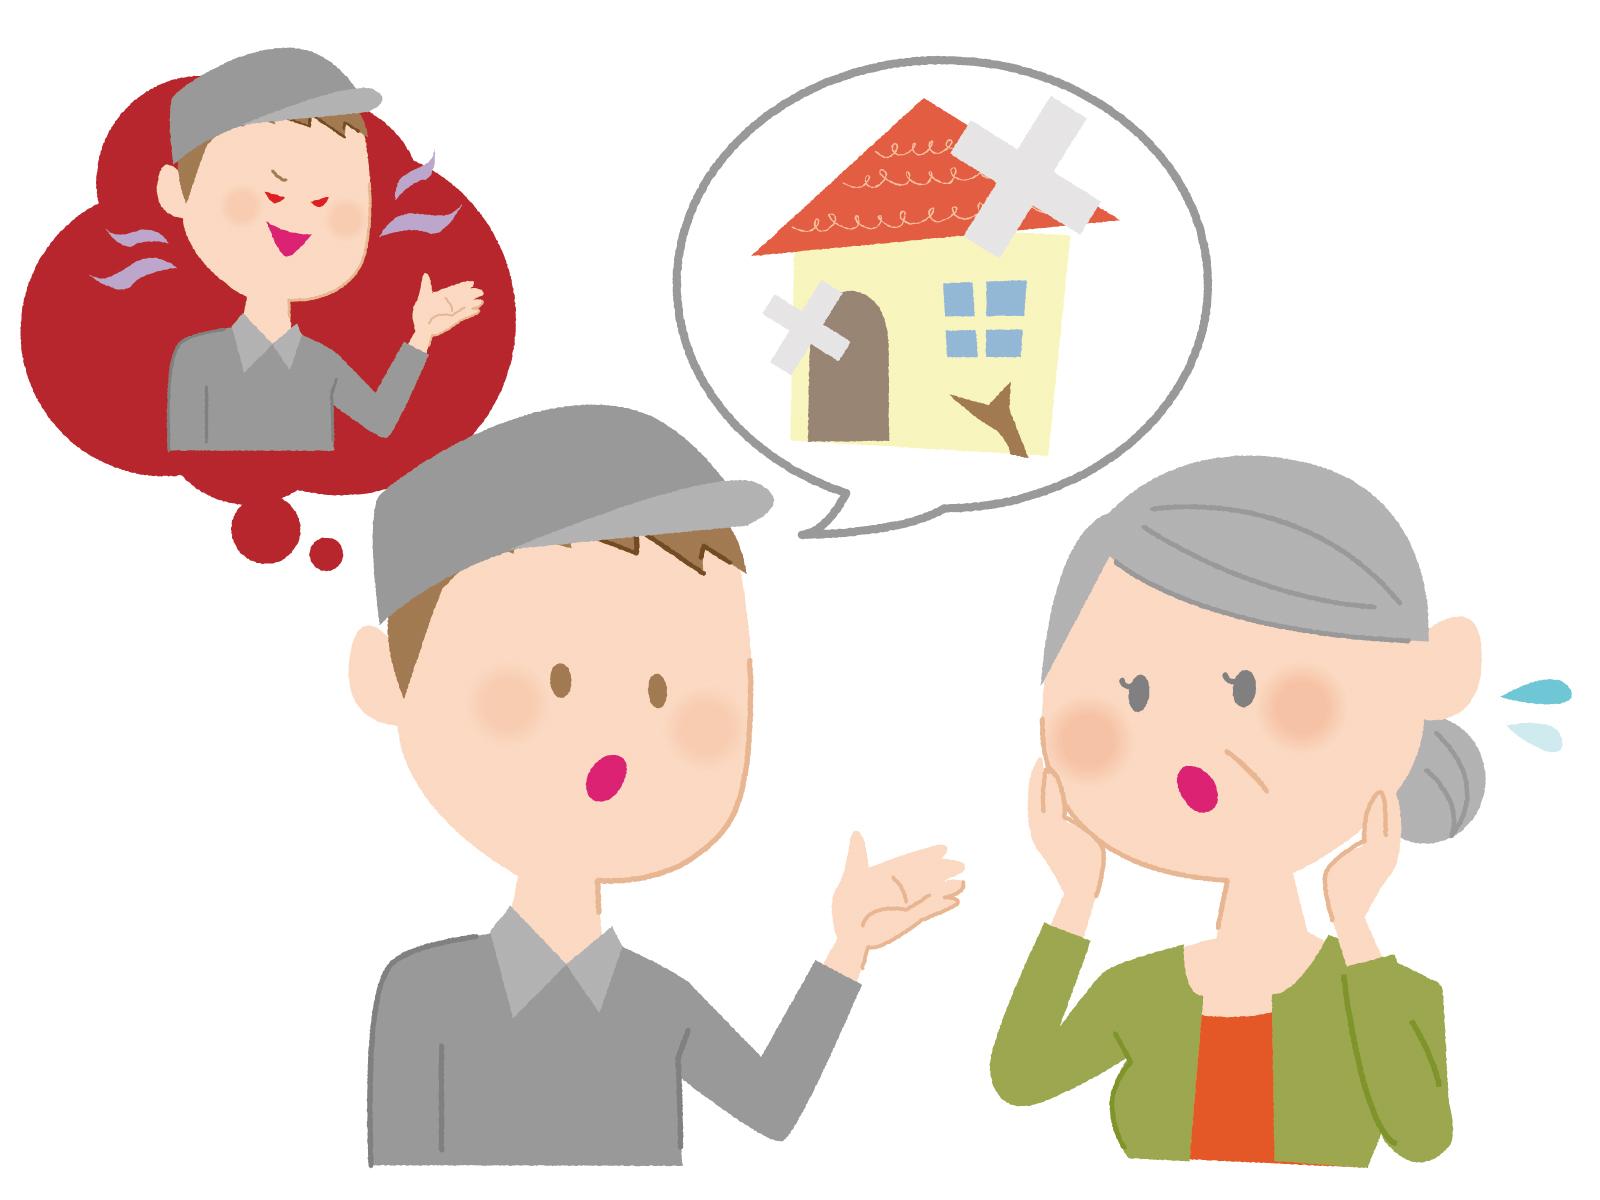 「無料点検」をきっかけに住宅トラブルが年間2,000件超え